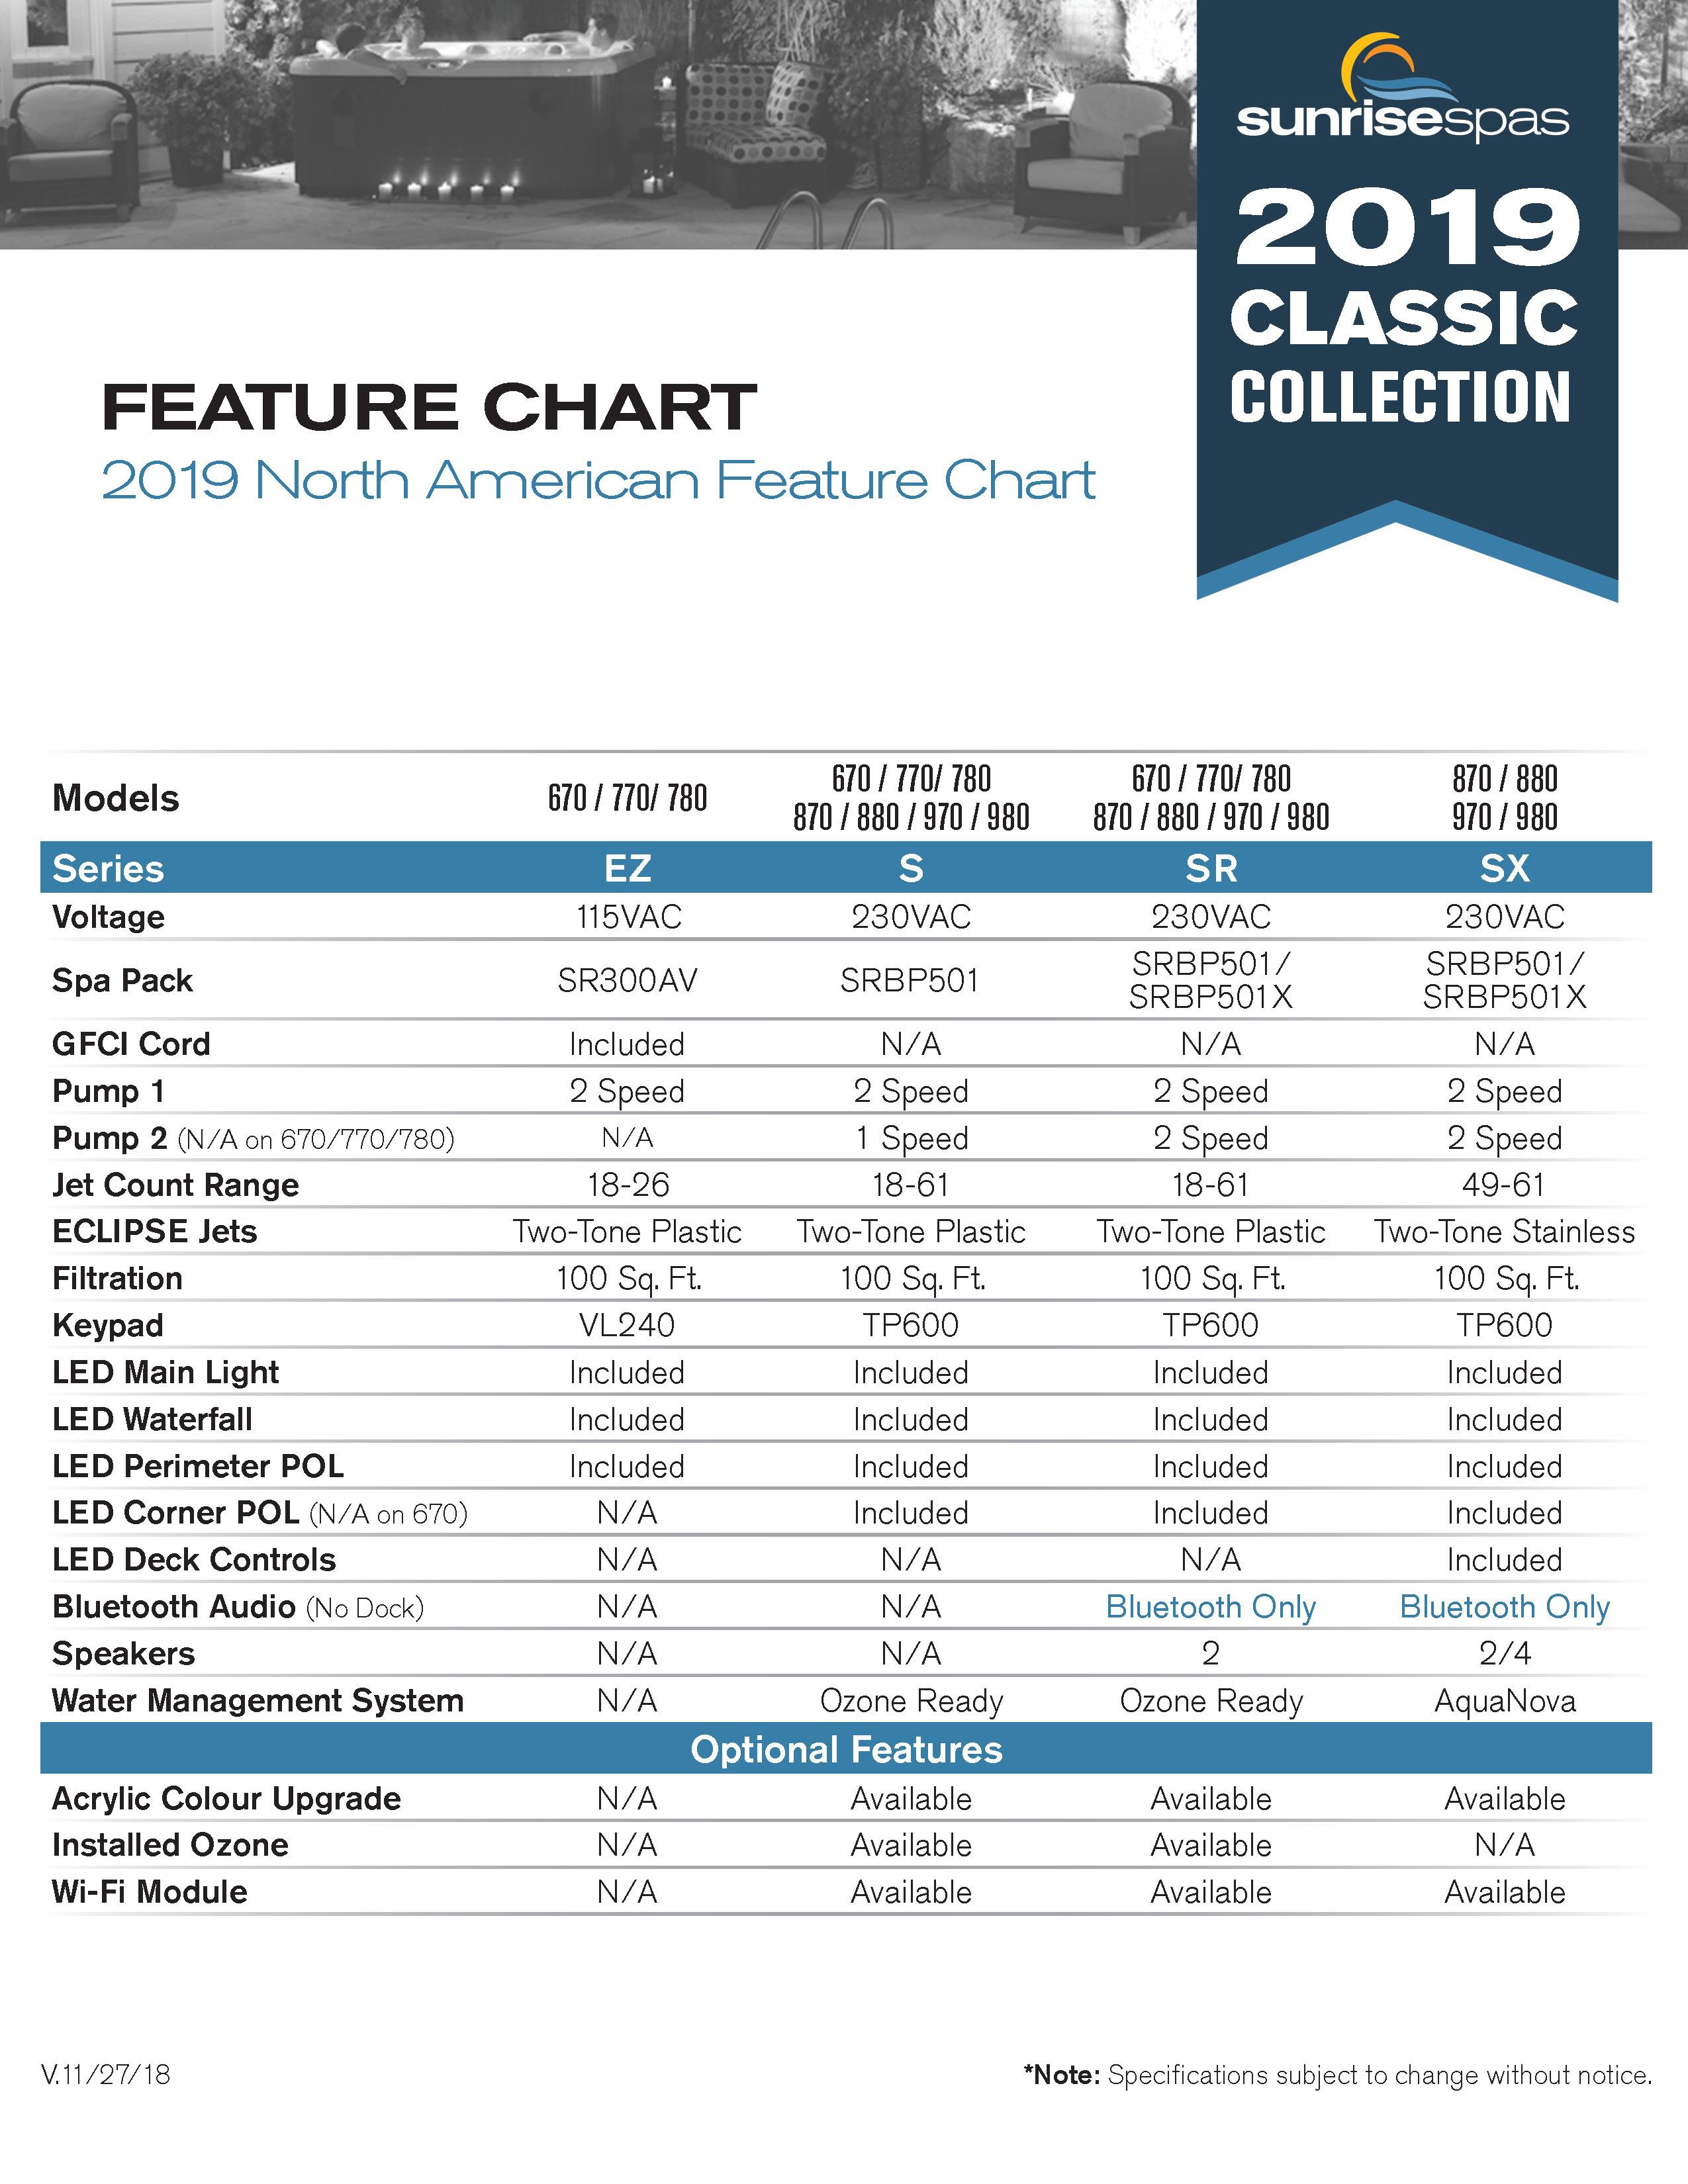 Sunrise Spas Series Comparison | Crown Spas & Pools